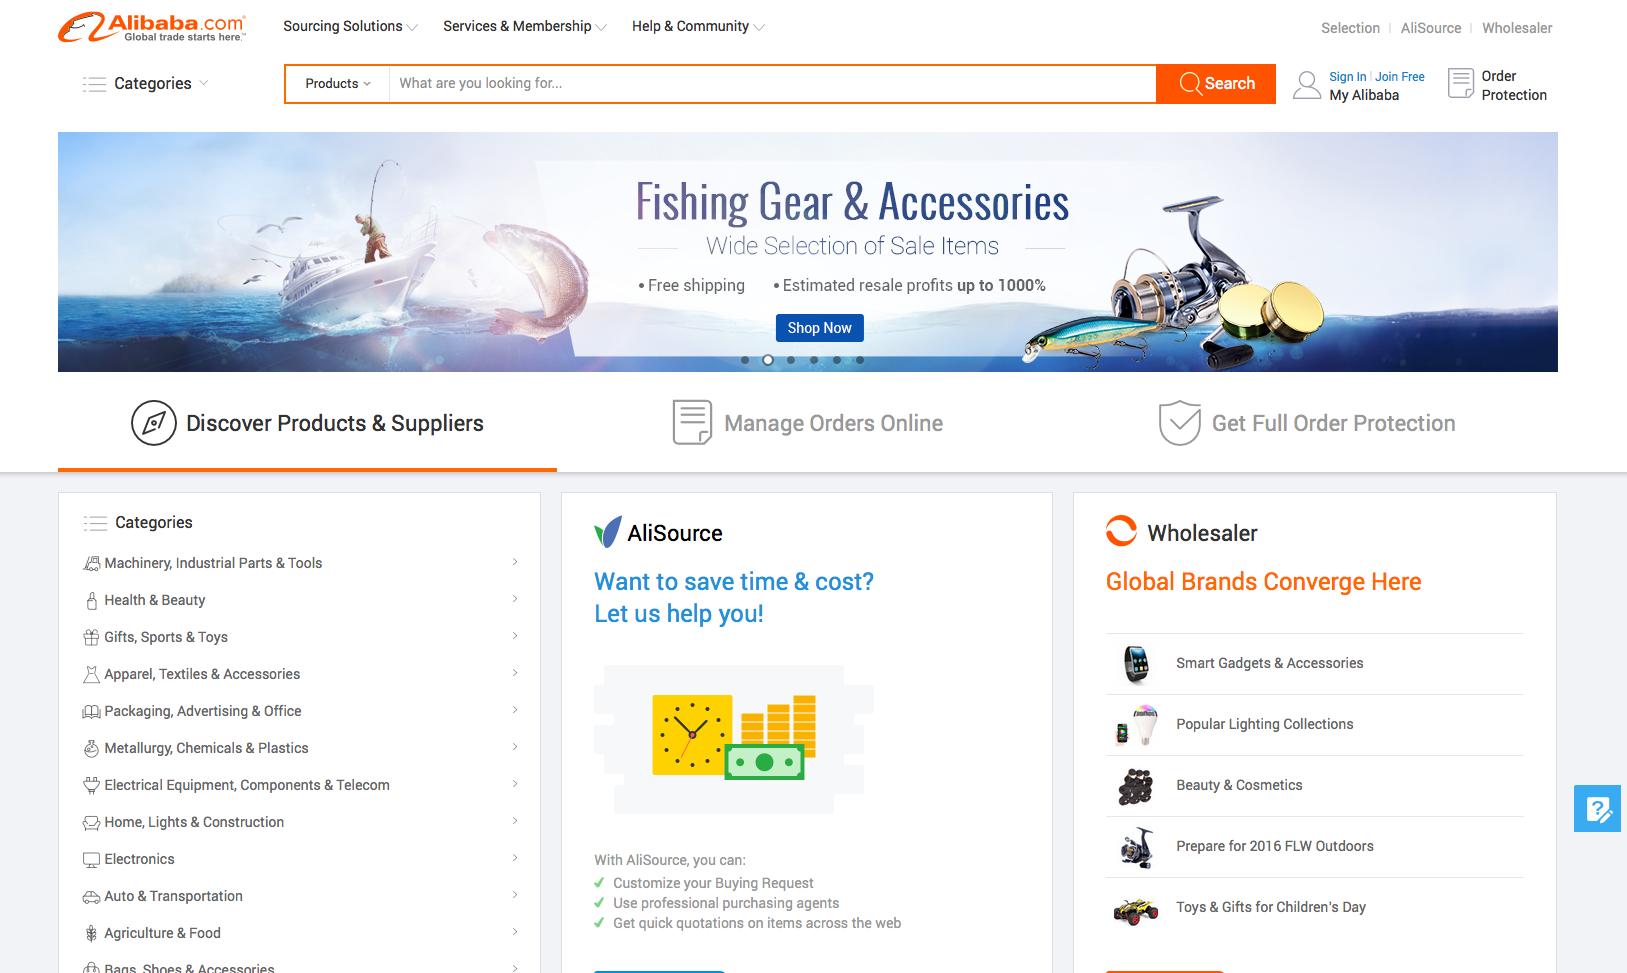 Alibaba.com Gutschein